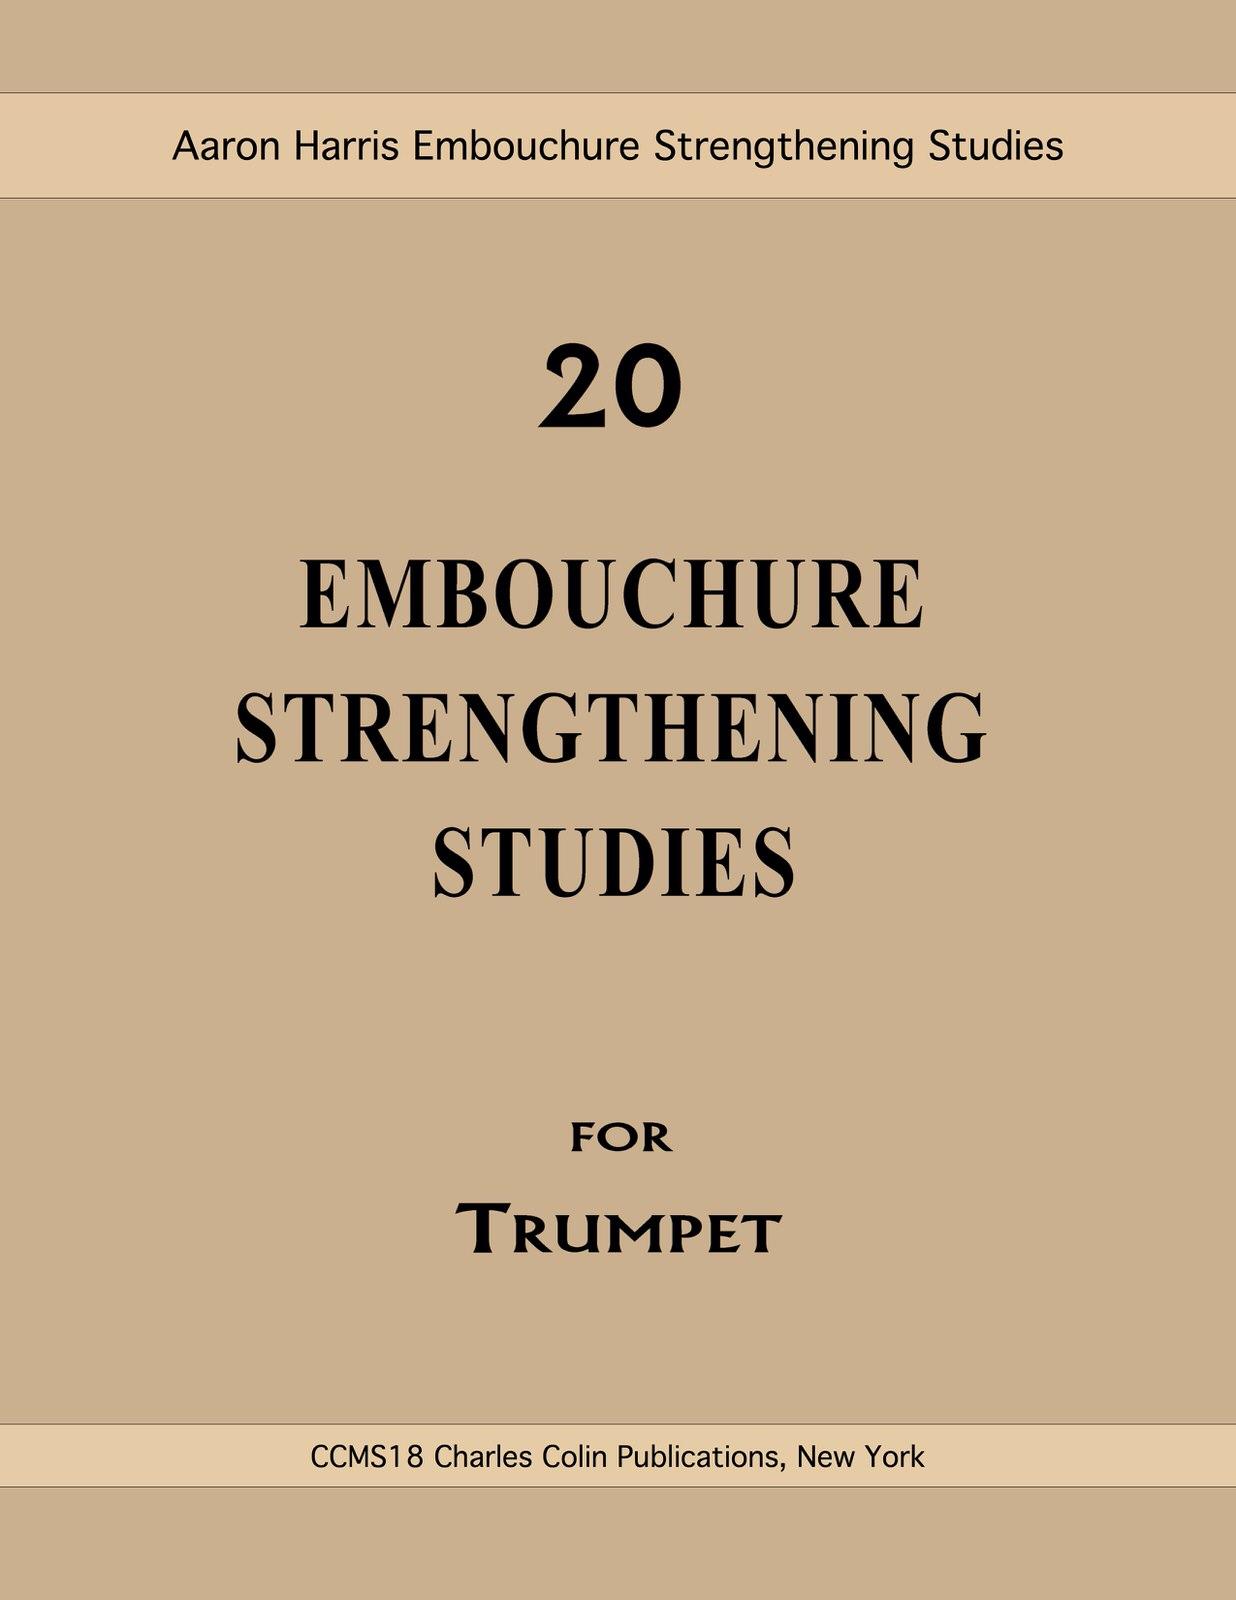 Harris, Embouchure Strengthening Studies copy-p01